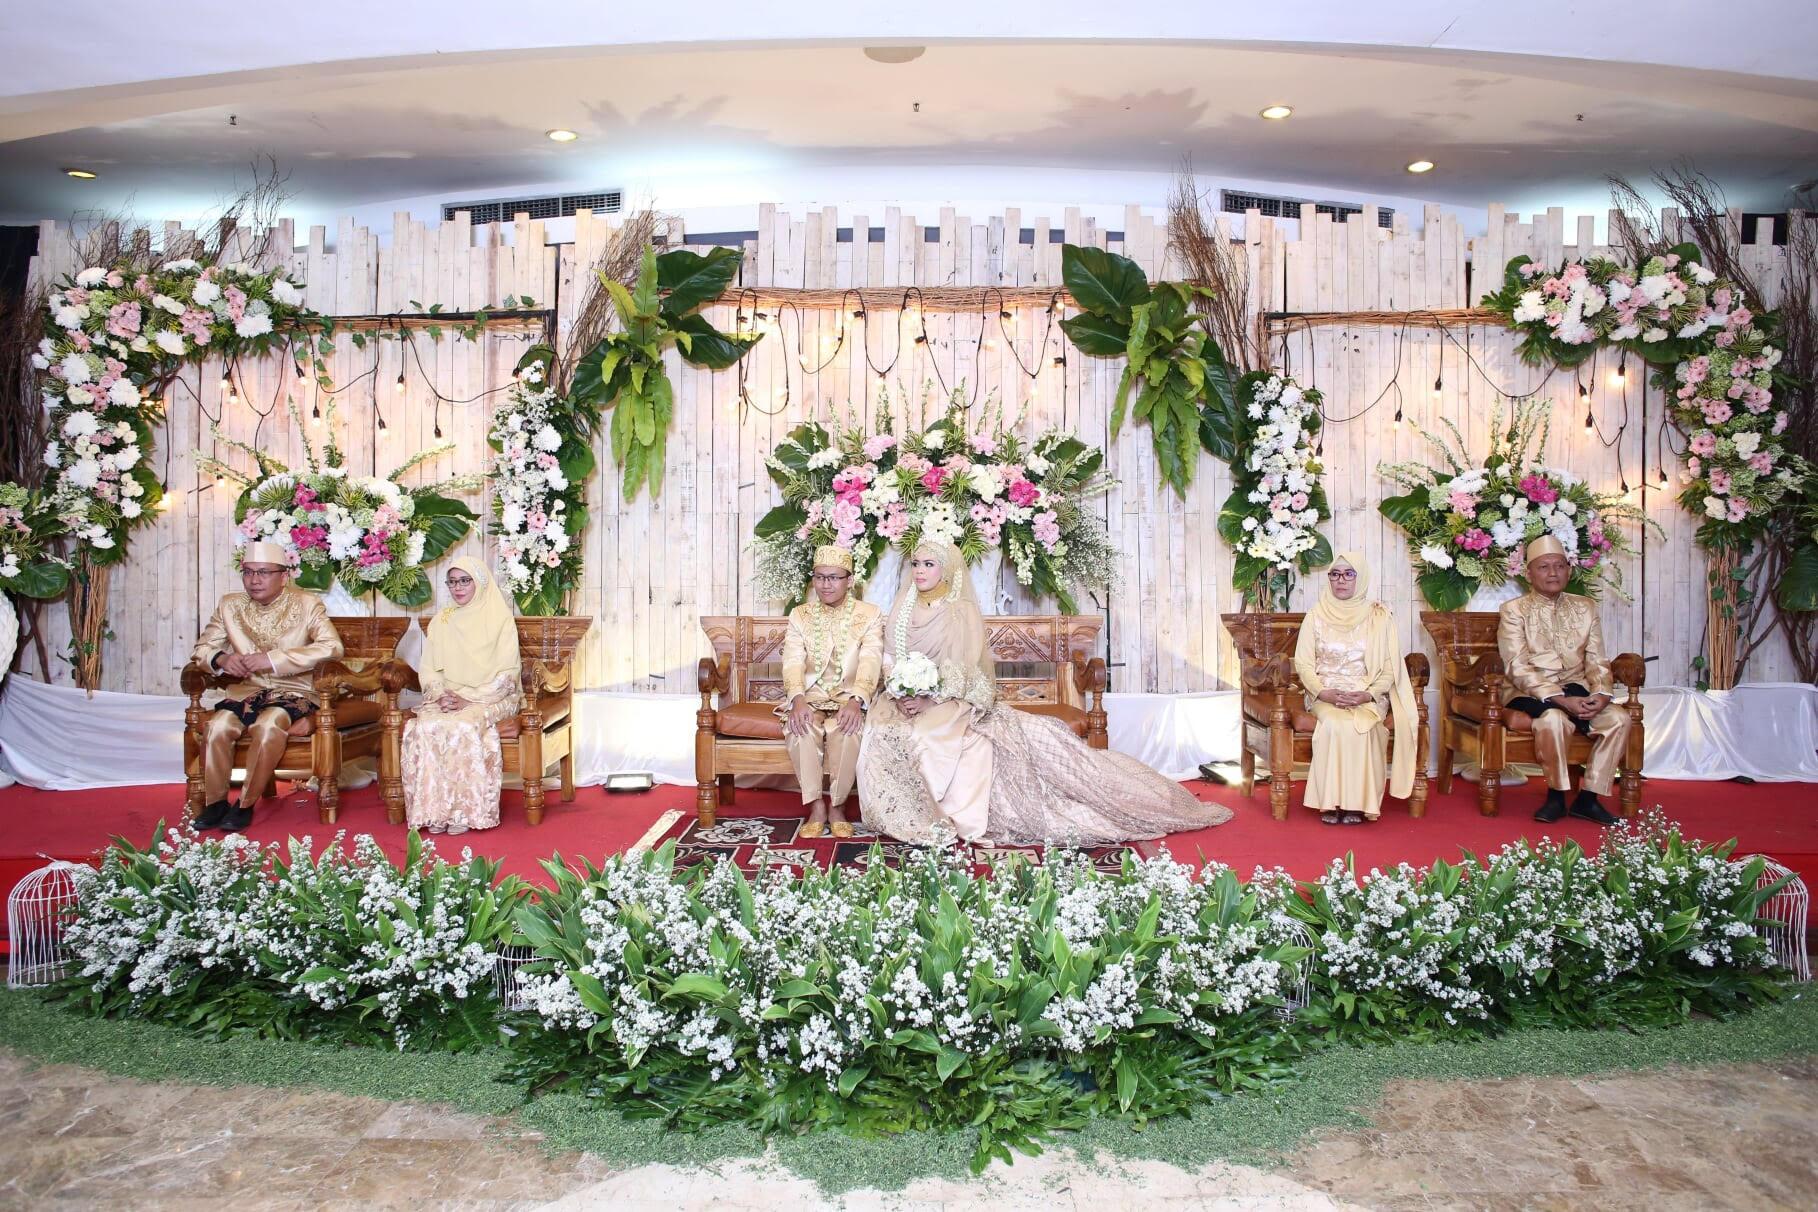 Jasa Dekorasi Pernikahan Dengan Harga Terjangkau Rizqy